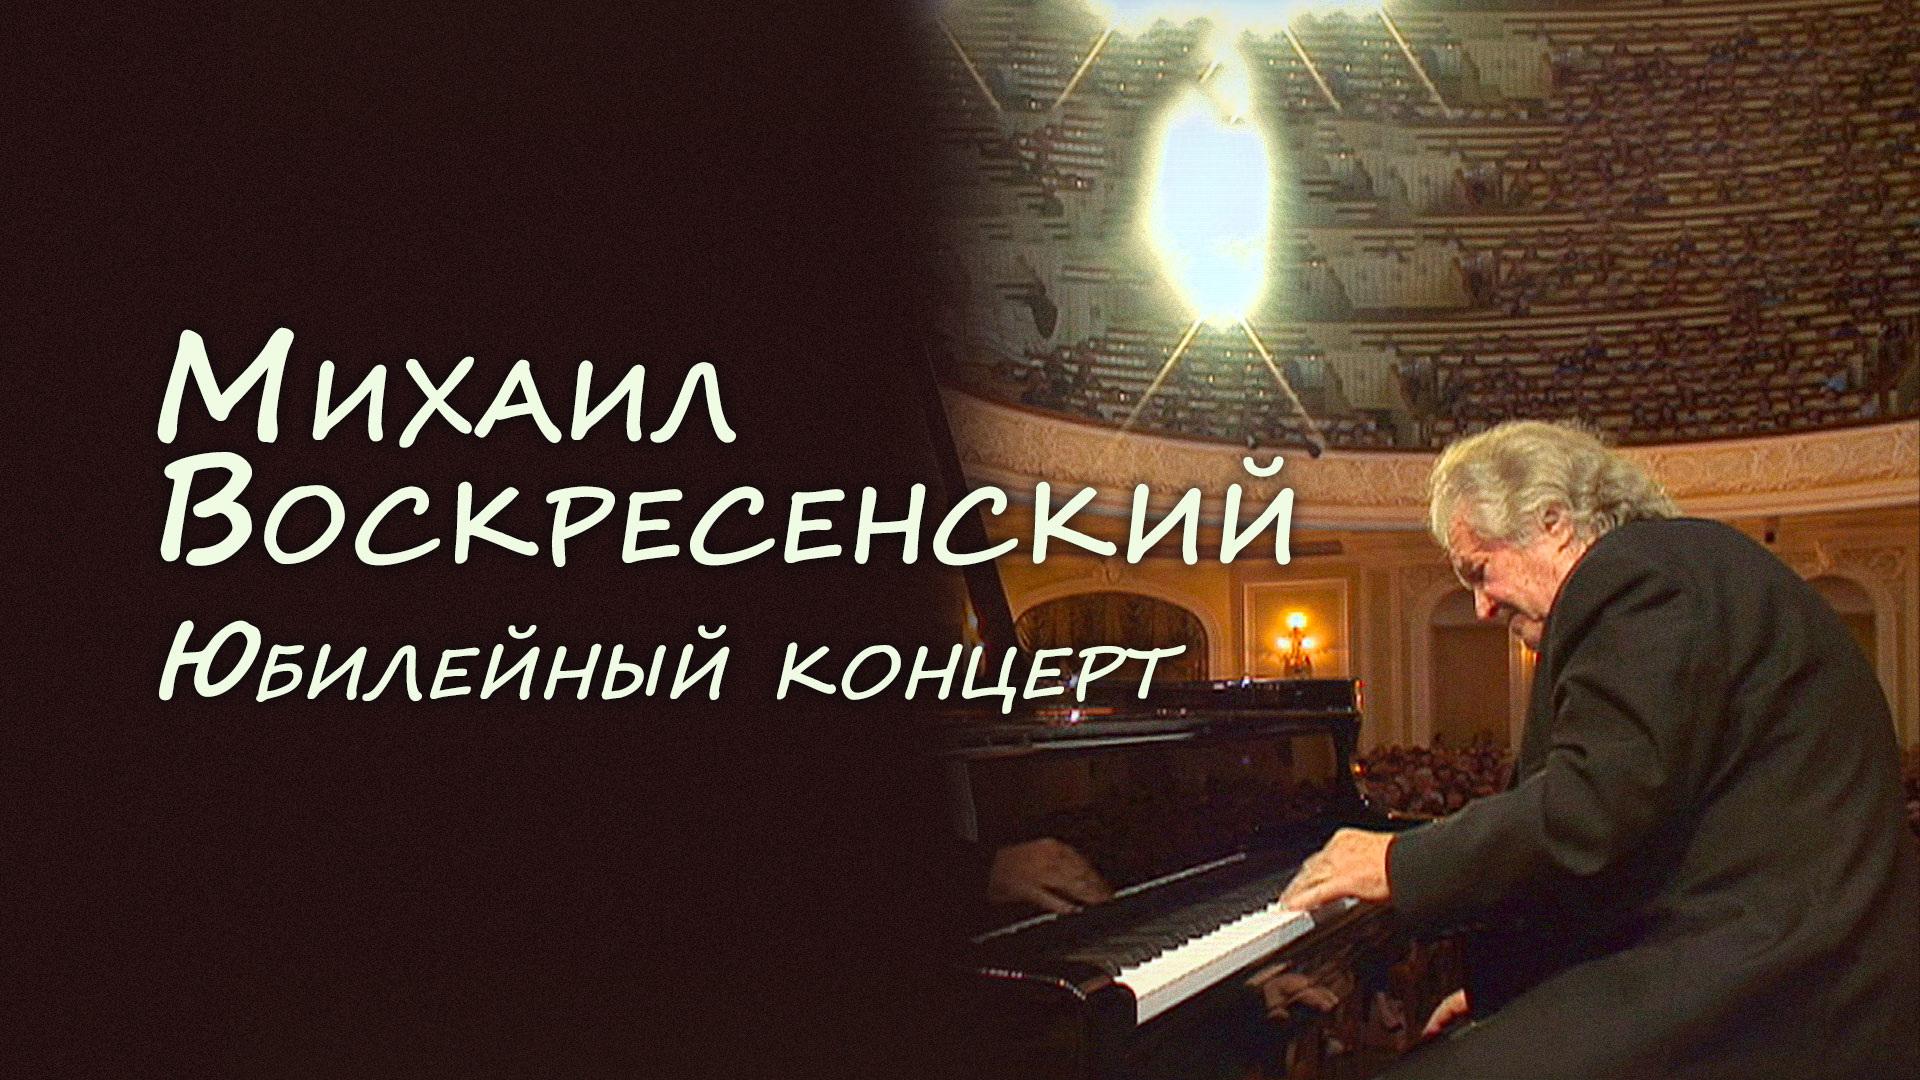 Михаил Воскресенский. Юбилейный концерт